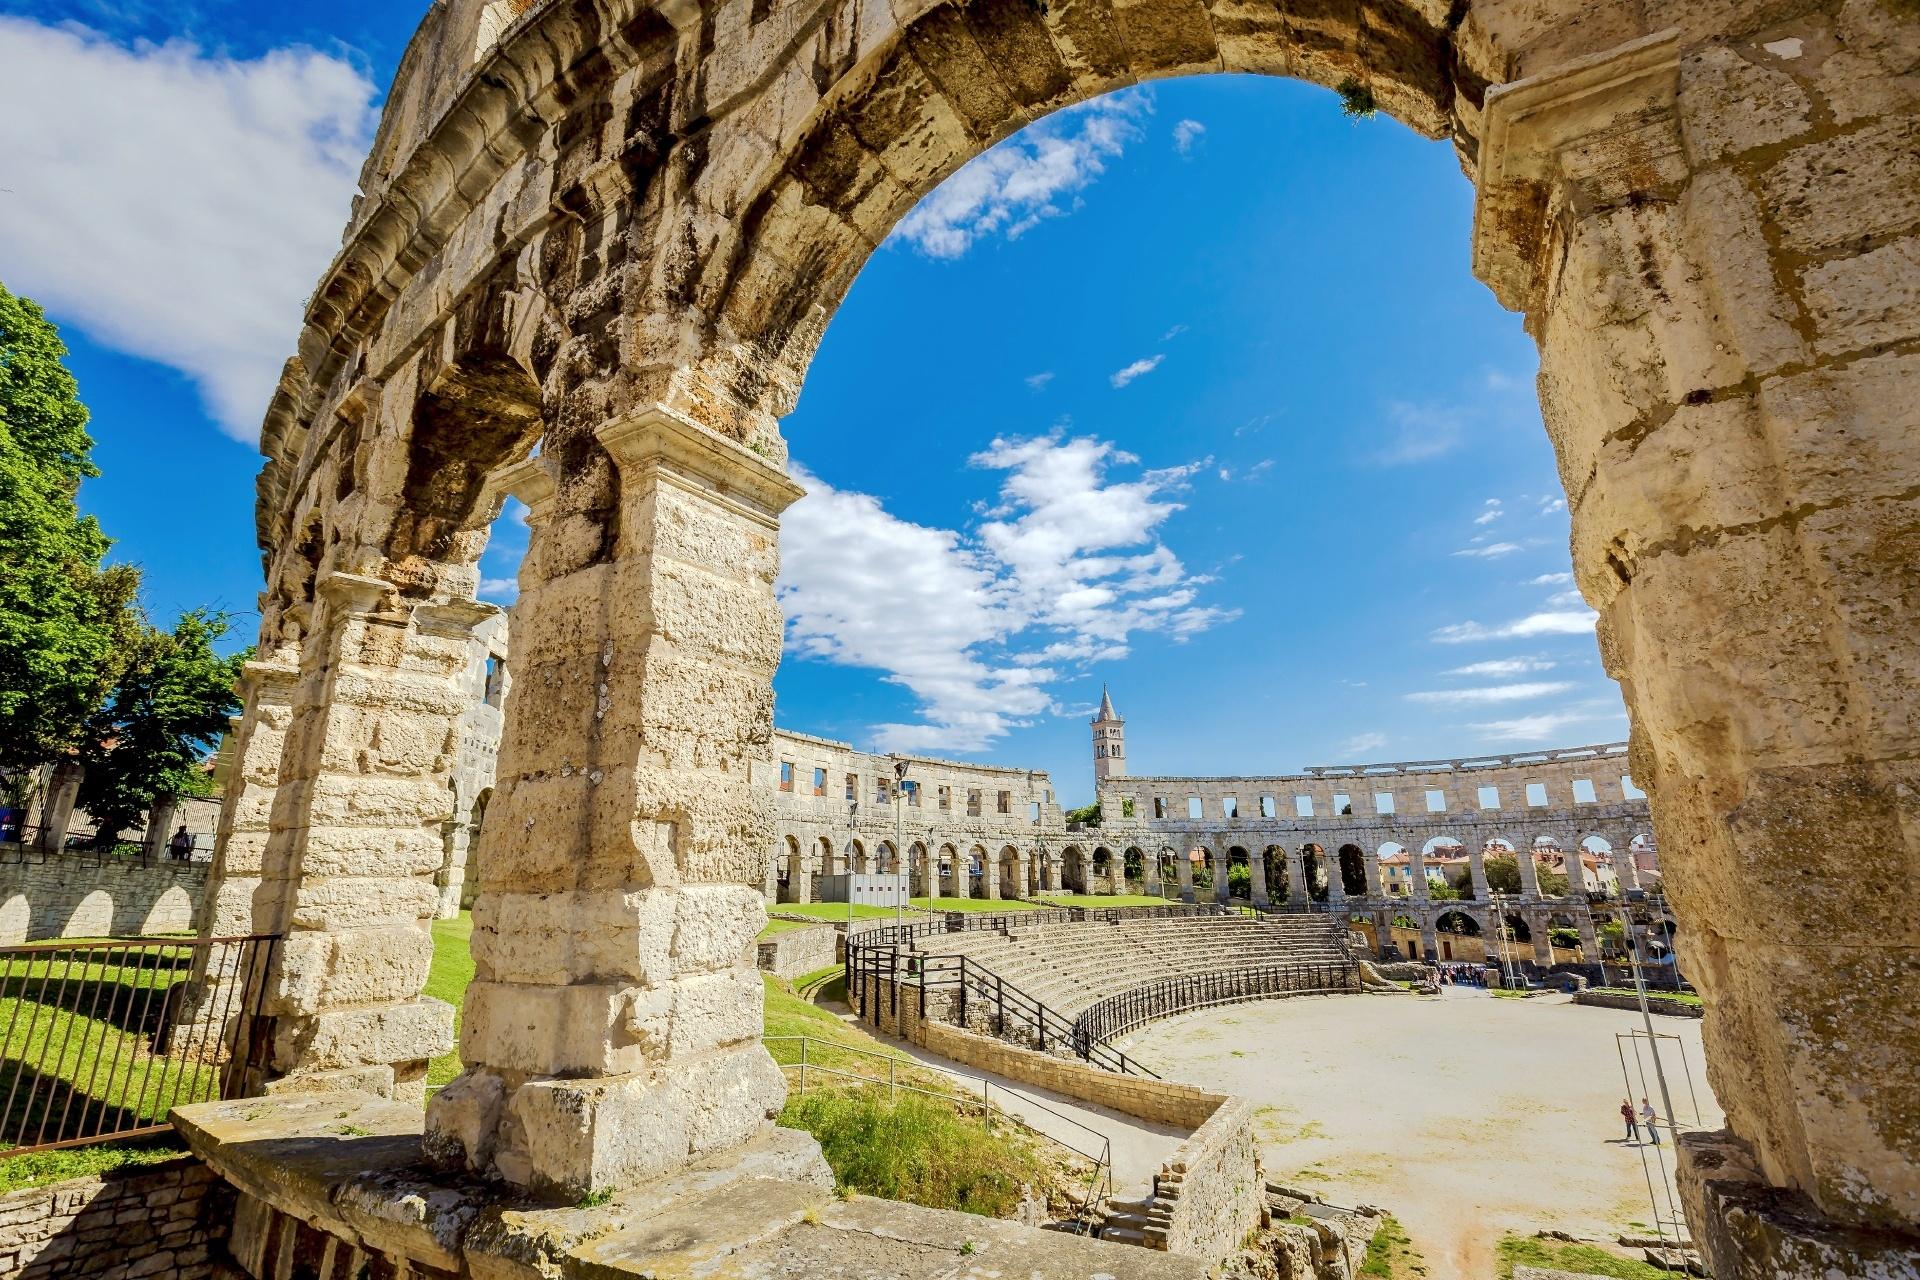 プーラの古代ローマ円形競技場 クロアチアの風景